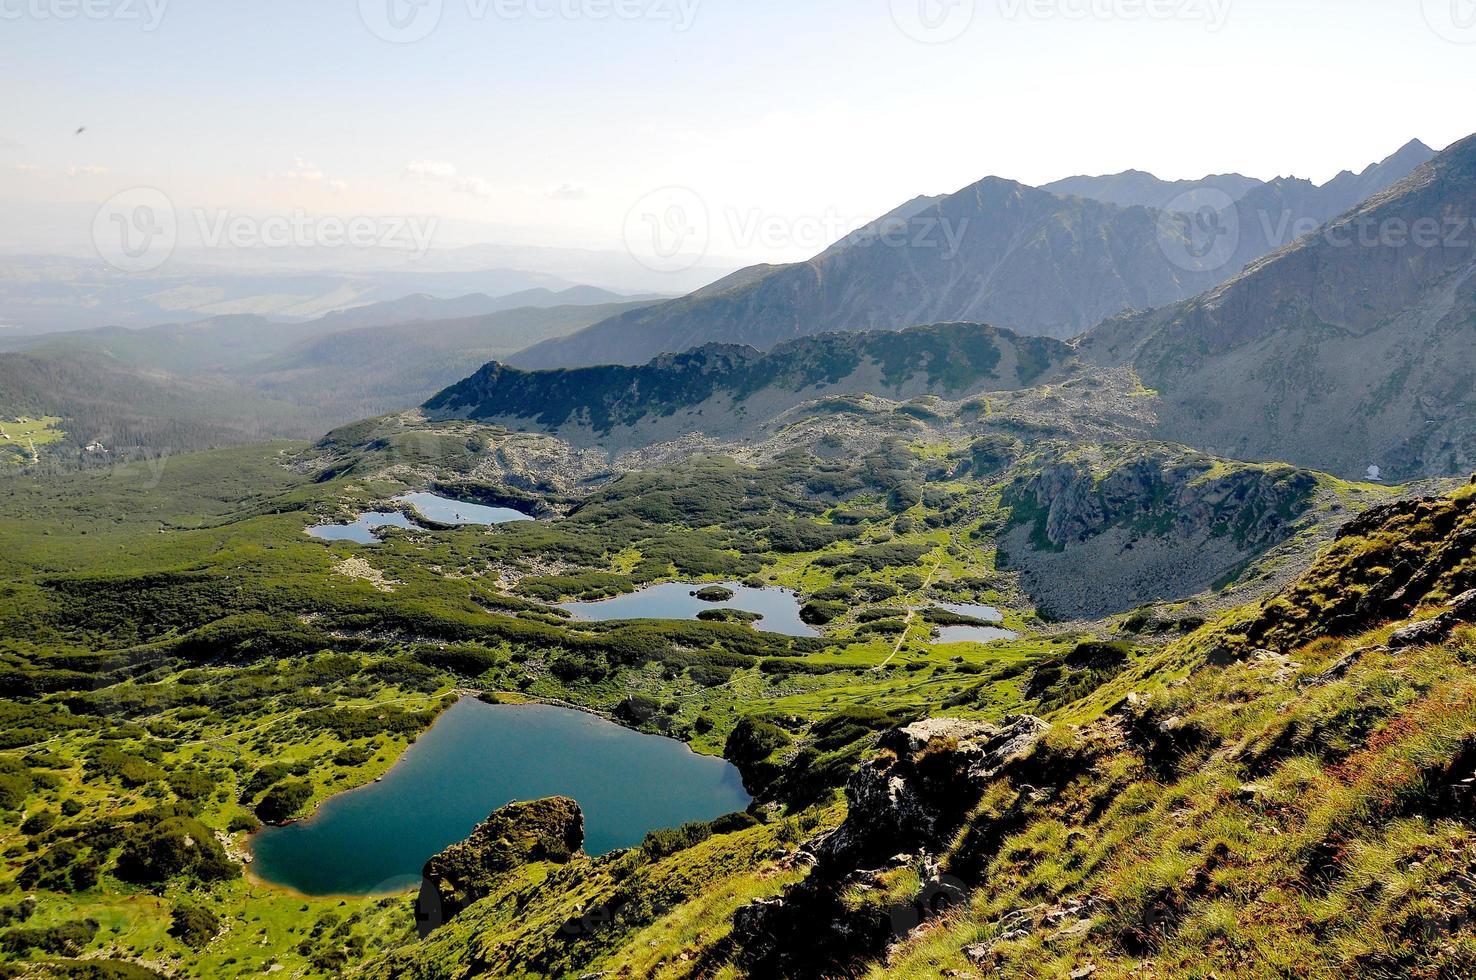 montanhas maravilhosas da europa central foto